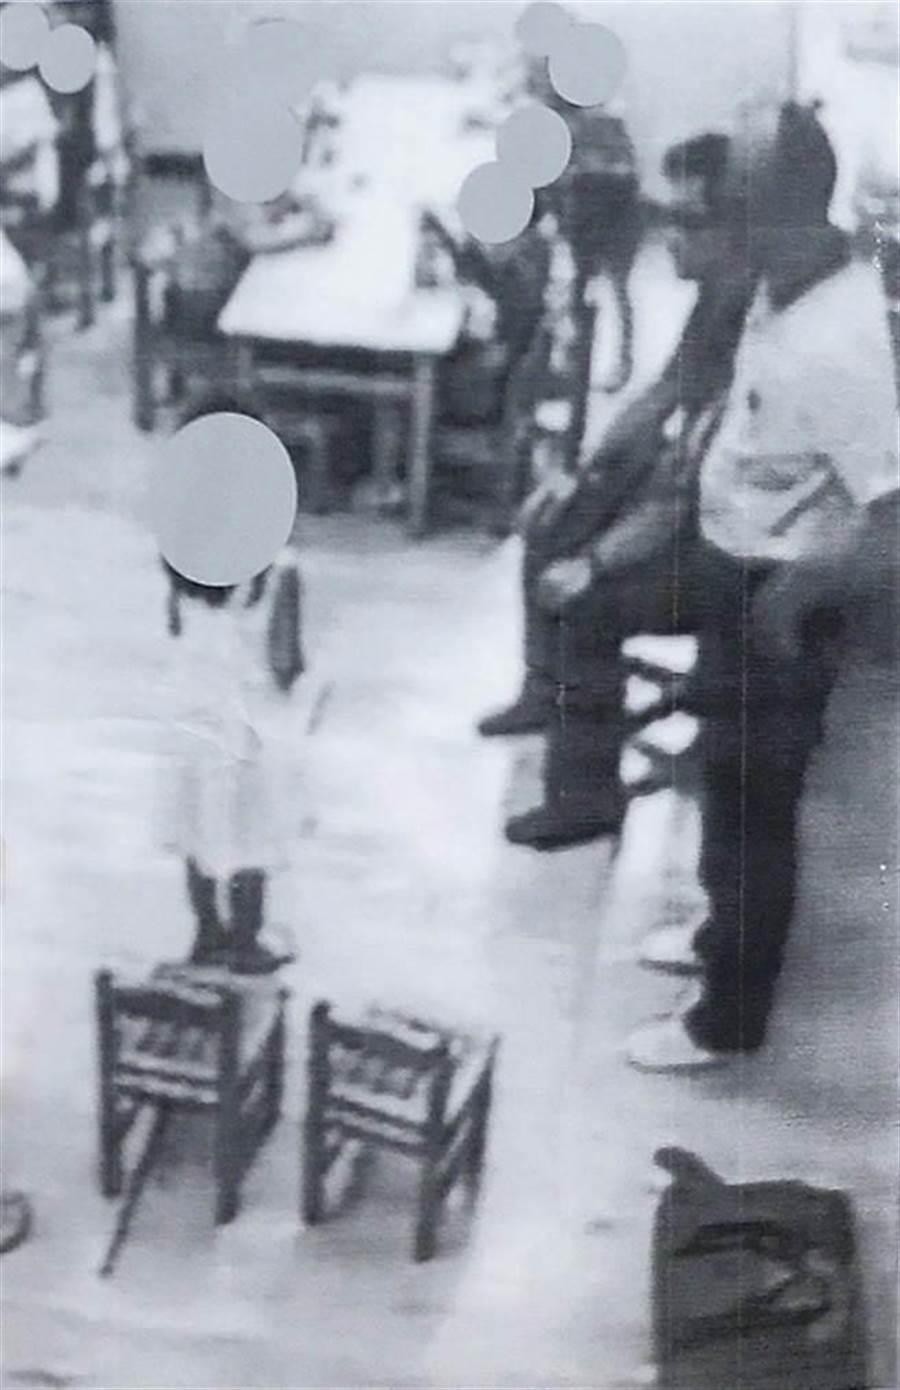 花蓮地檢署檢察官林俊佑,懷疑女兒在校遭霸凌,濫用職權應闖幼兒園審訊幼童遭起訴。(資料照)